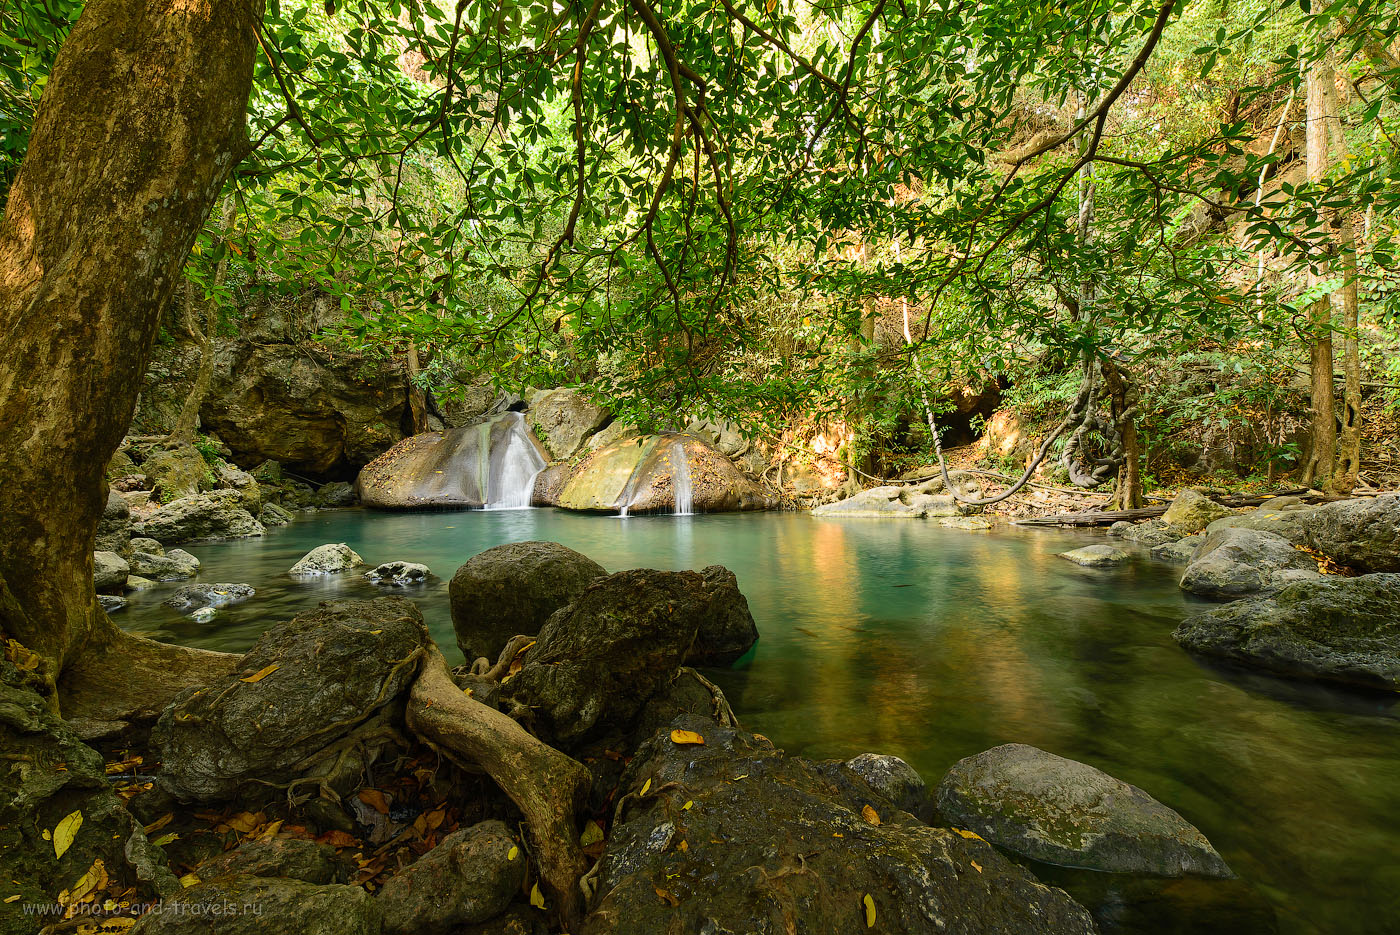 Фотография 12. Четвертый уровень водопада Erawan. Самостоятельная экскурсия в национальный парк возможна и из Паттайи. Отзыв об отдыхе в Таиланде (полнокадровый фотоаппарат Nikon D610, широкоугольный объектив Samyang 14/2.8, настройки: 100, 14, f/10.0, В=1.0 секунда)